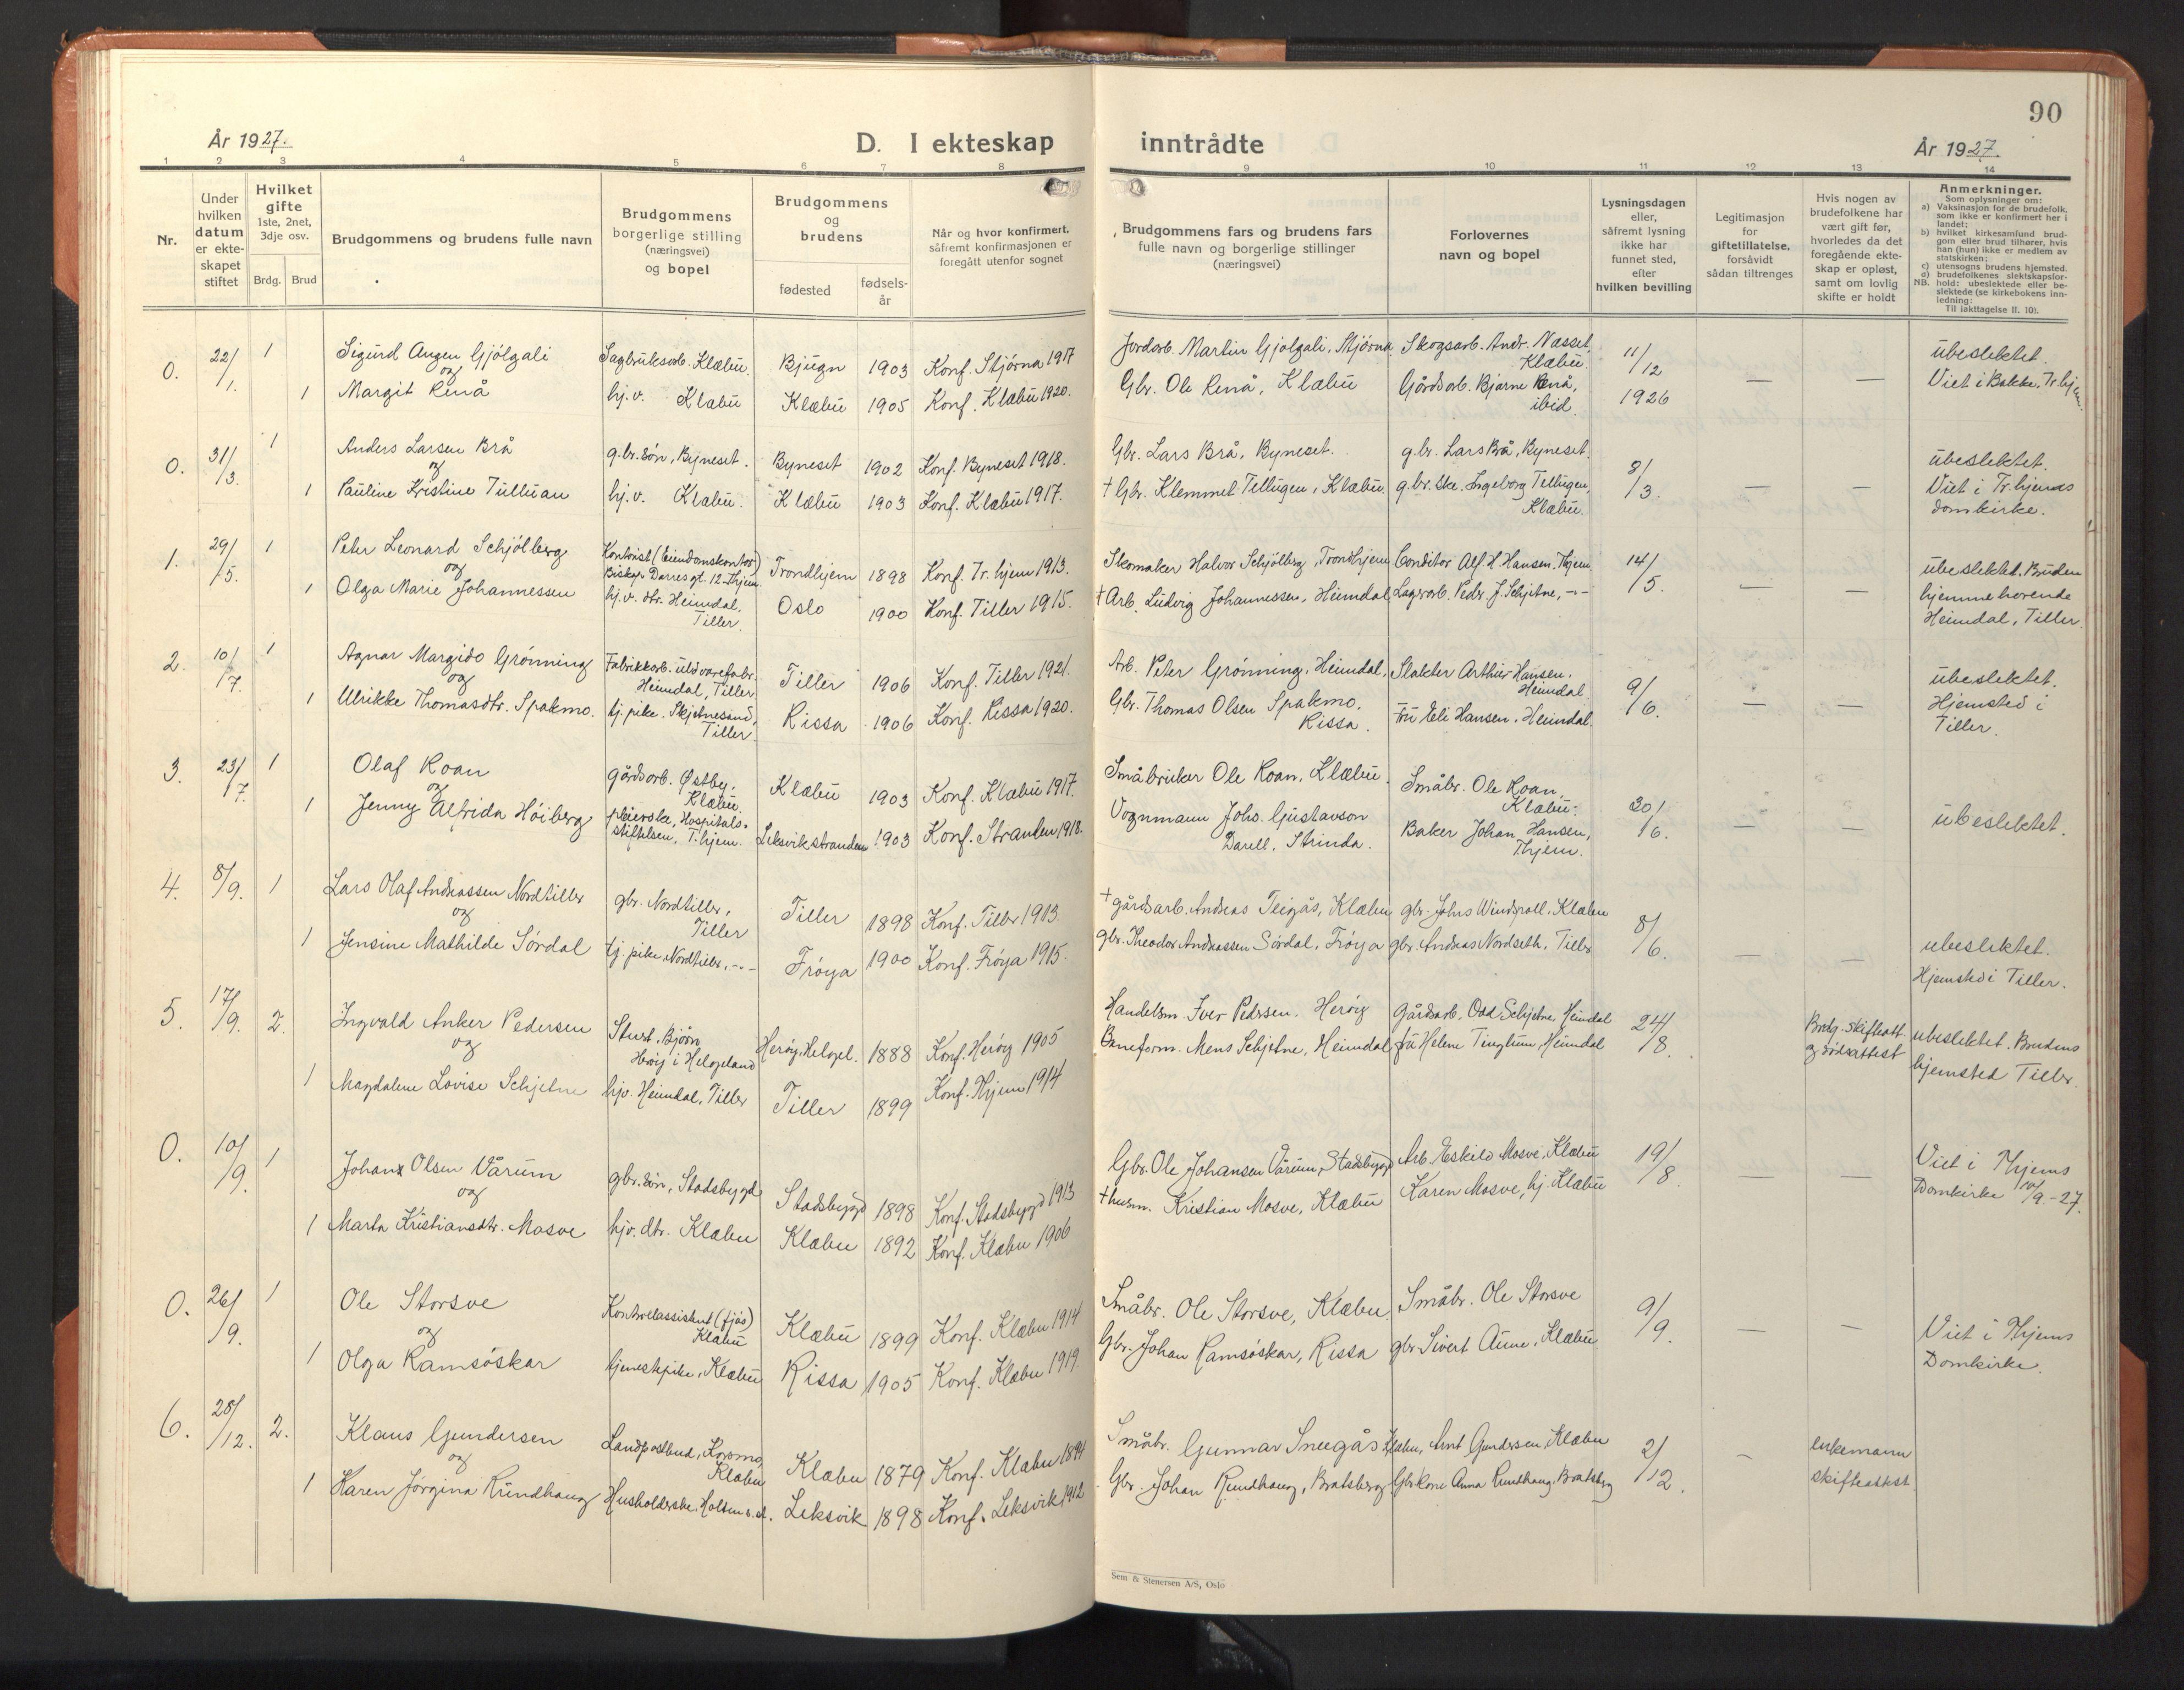 SAT, Ministerialprotokoller, klokkerbøker og fødselsregistre - Sør-Trøndelag, 618/L0454: Klokkerbok nr. 618C05, 1926-1946, s. 90